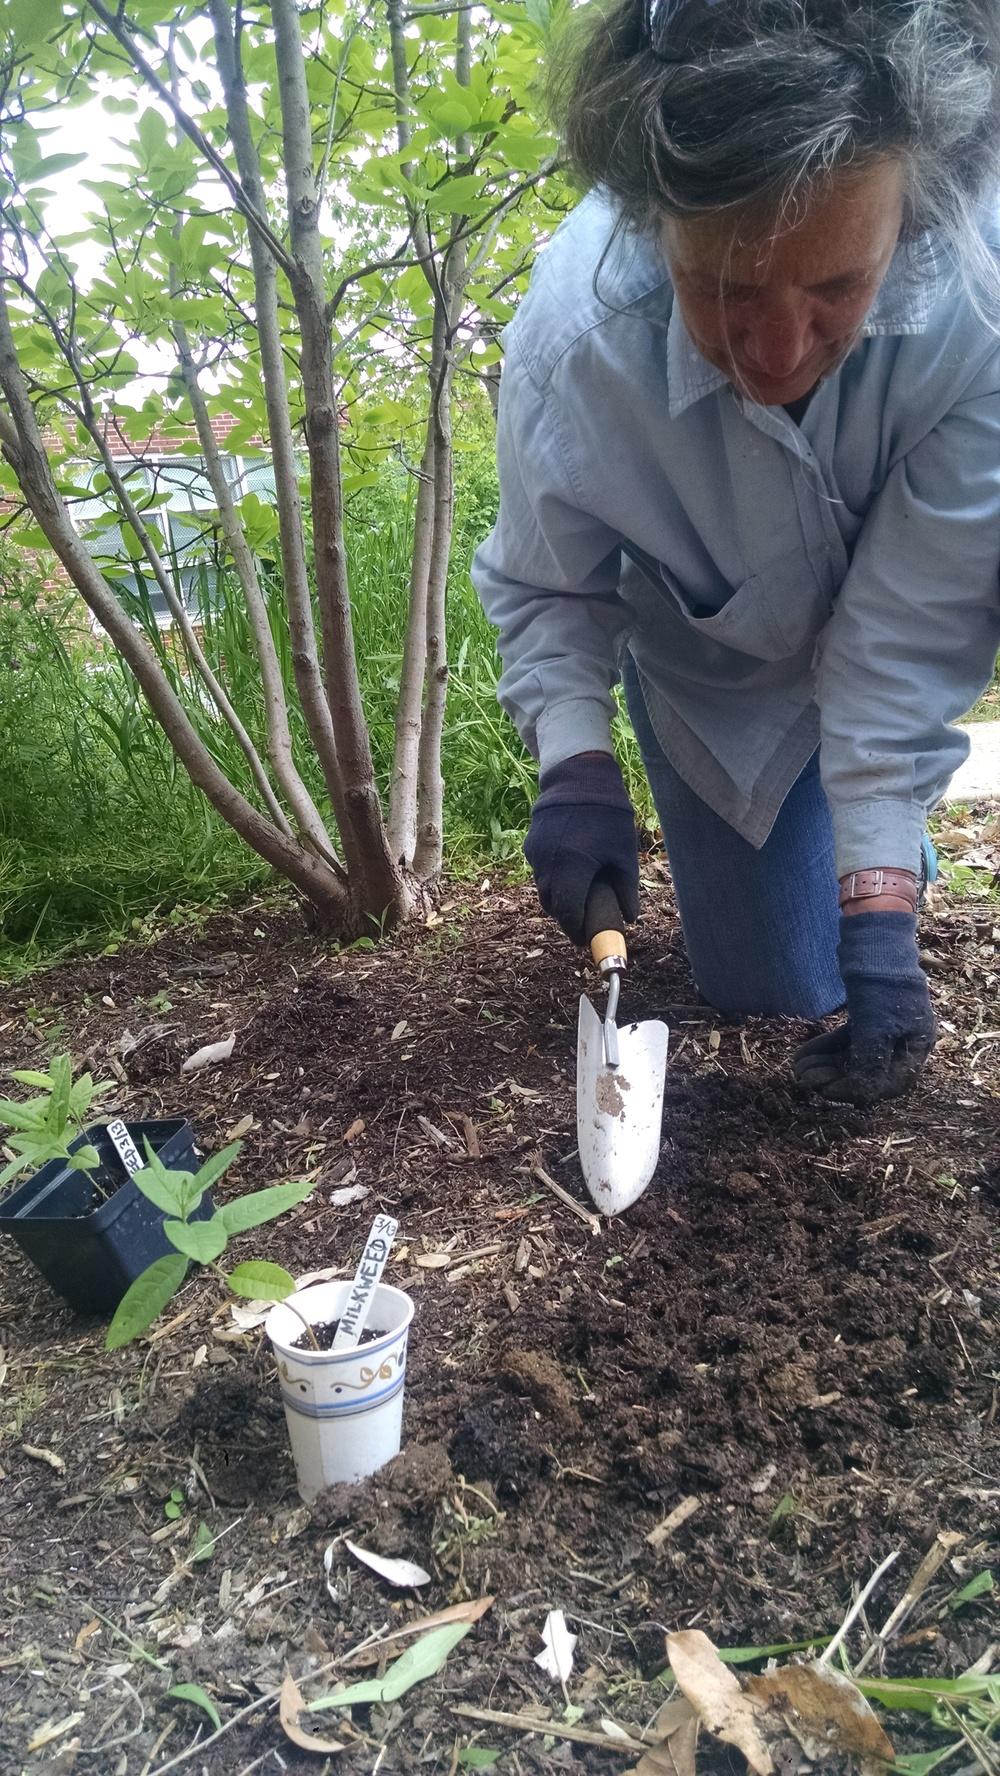 A parent super-volunteer transplants milkweed into the outdoor classroom at Tyler.